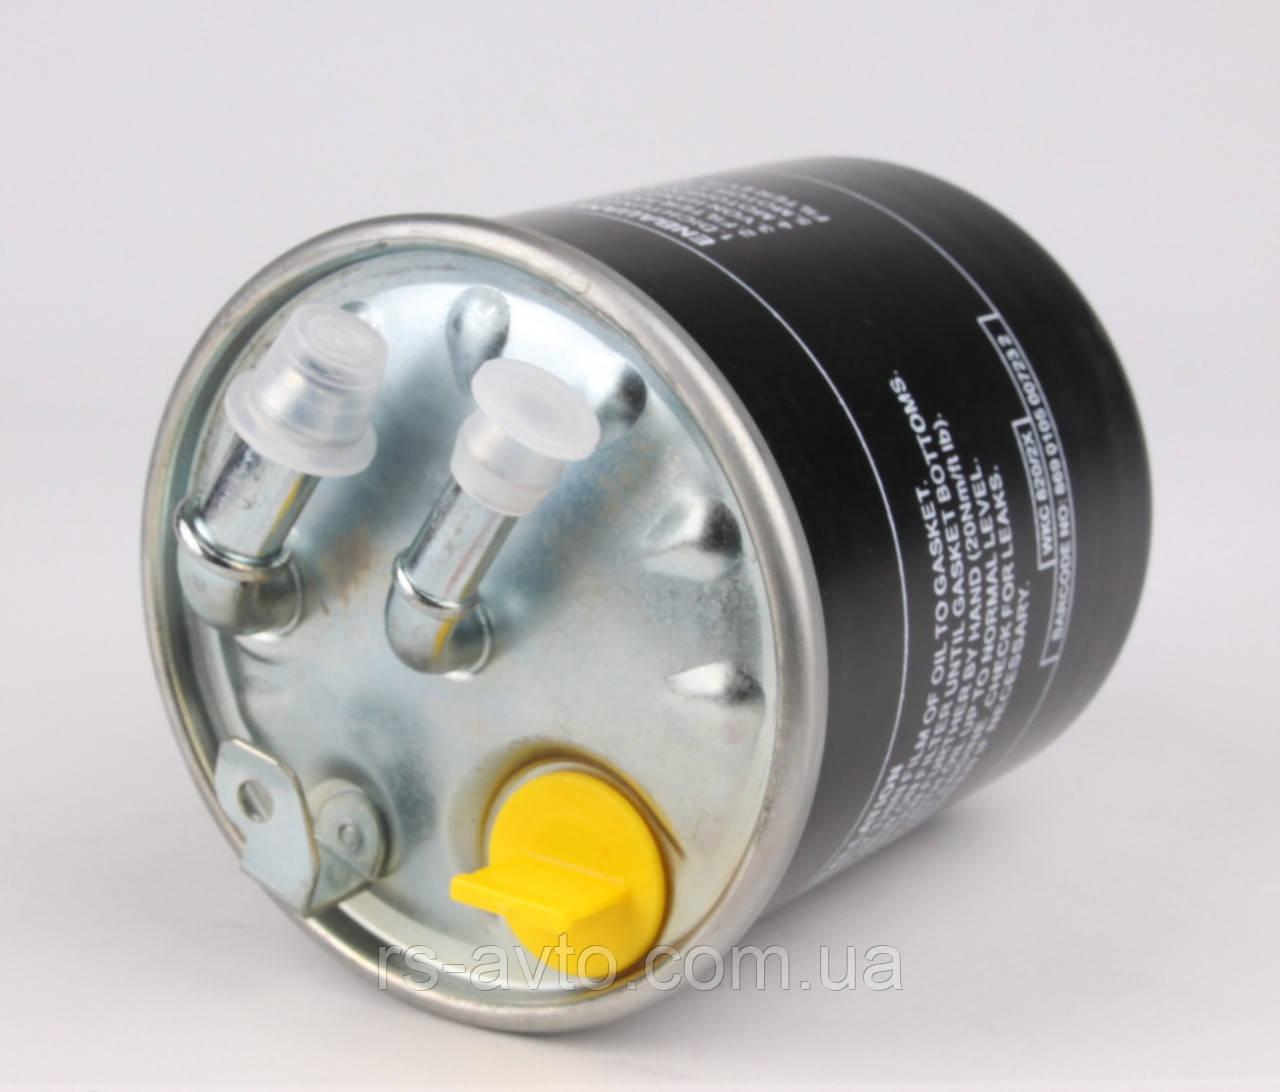 Фильтр топливный MB Спринтер 906 09- Вито 639 10- Германия MEYLE